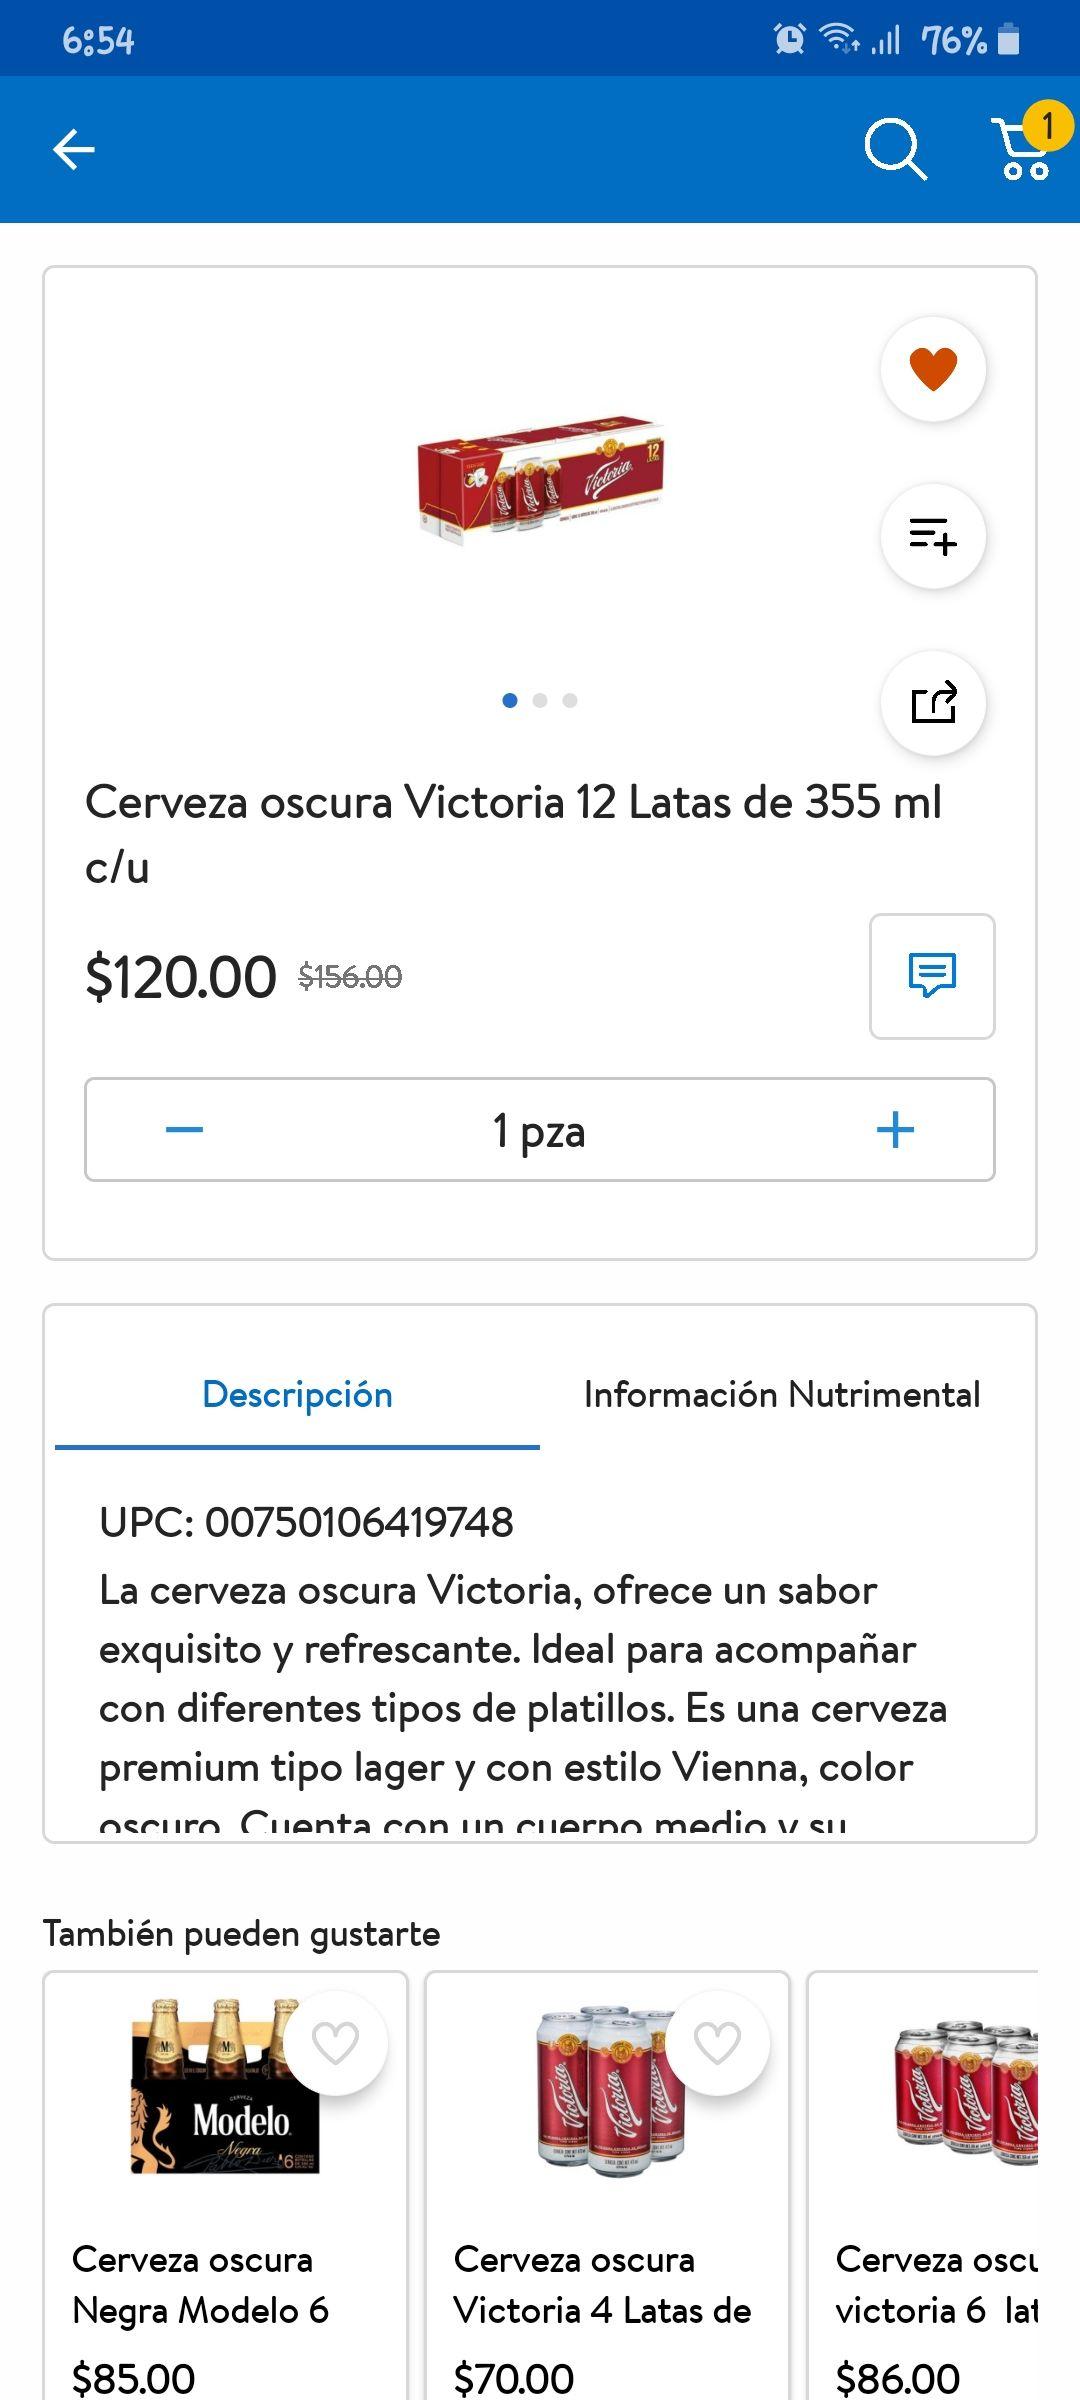 5084930-PBc2G.jpg